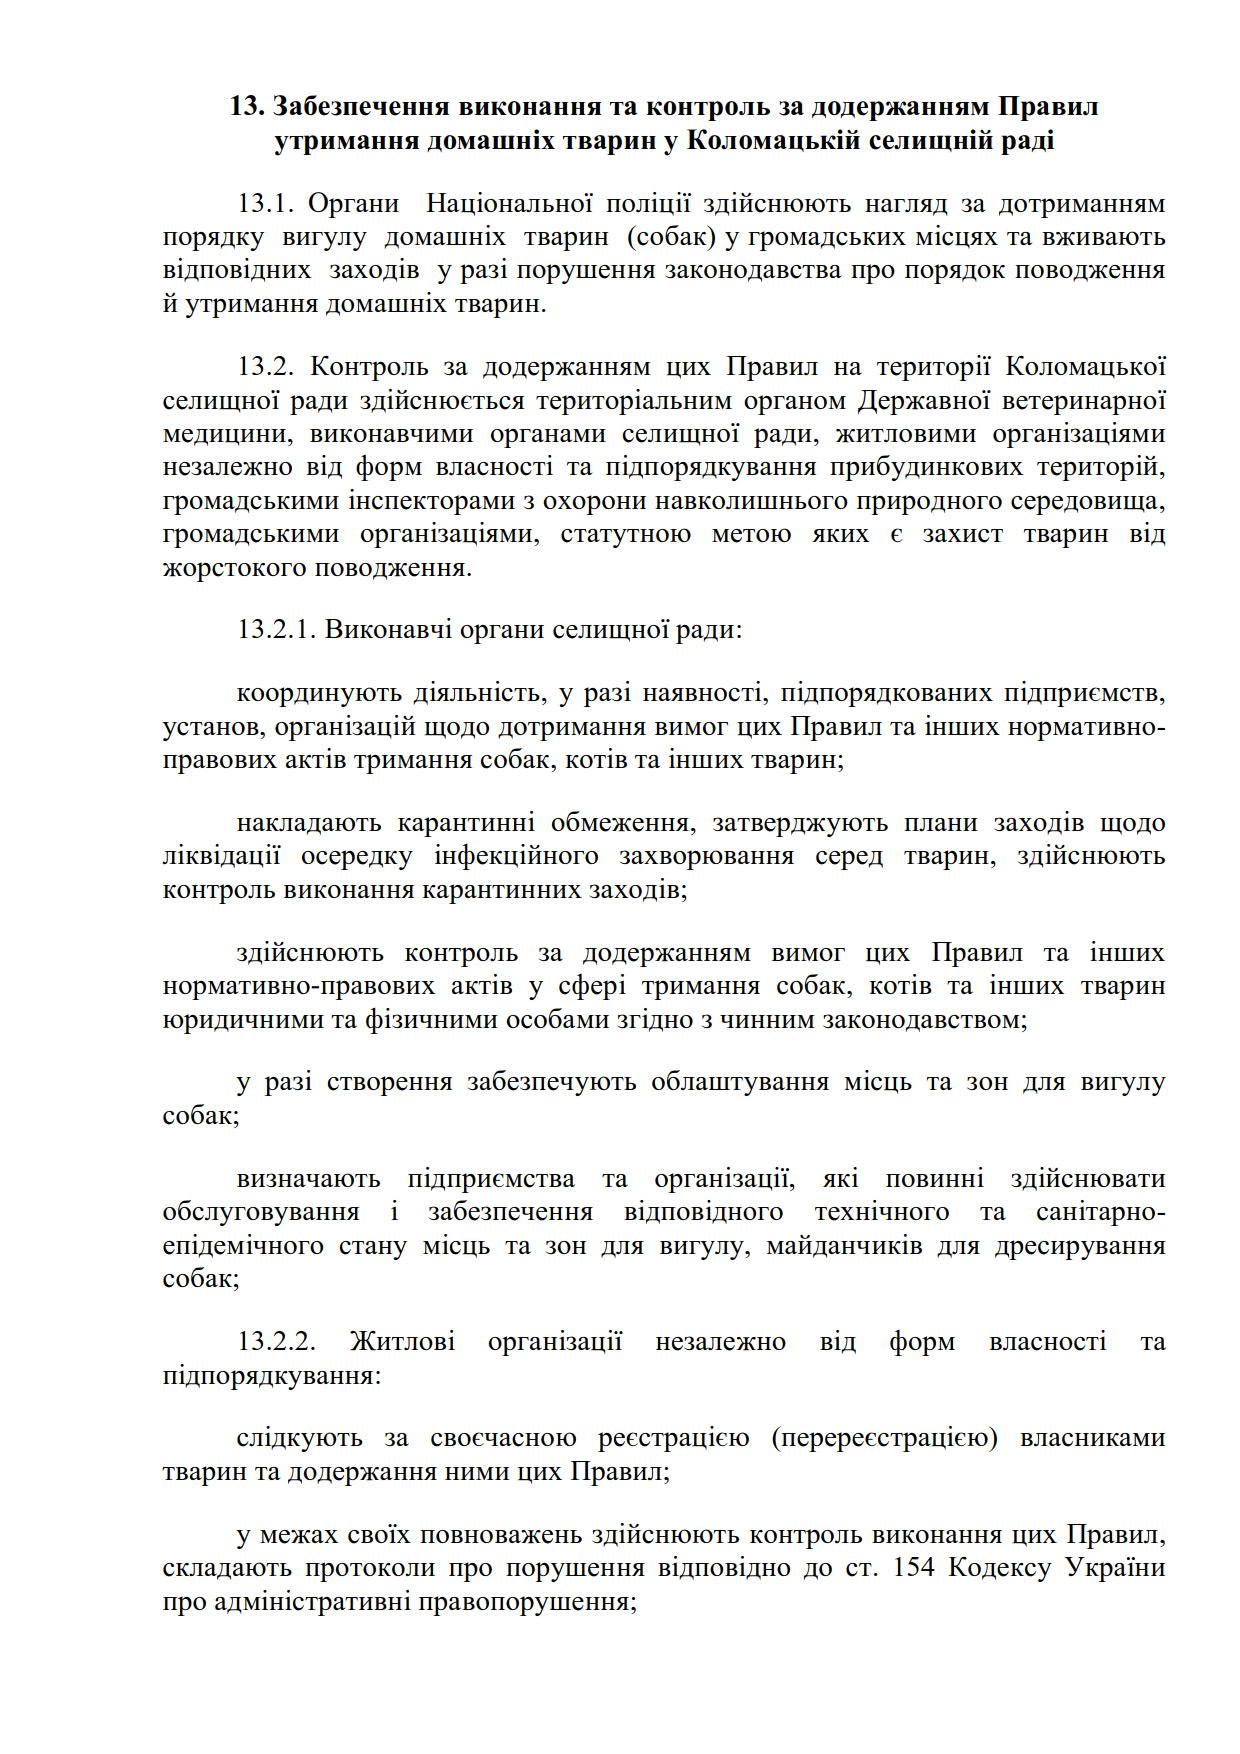 Правила утримання домашніх тварин коломак нов_15